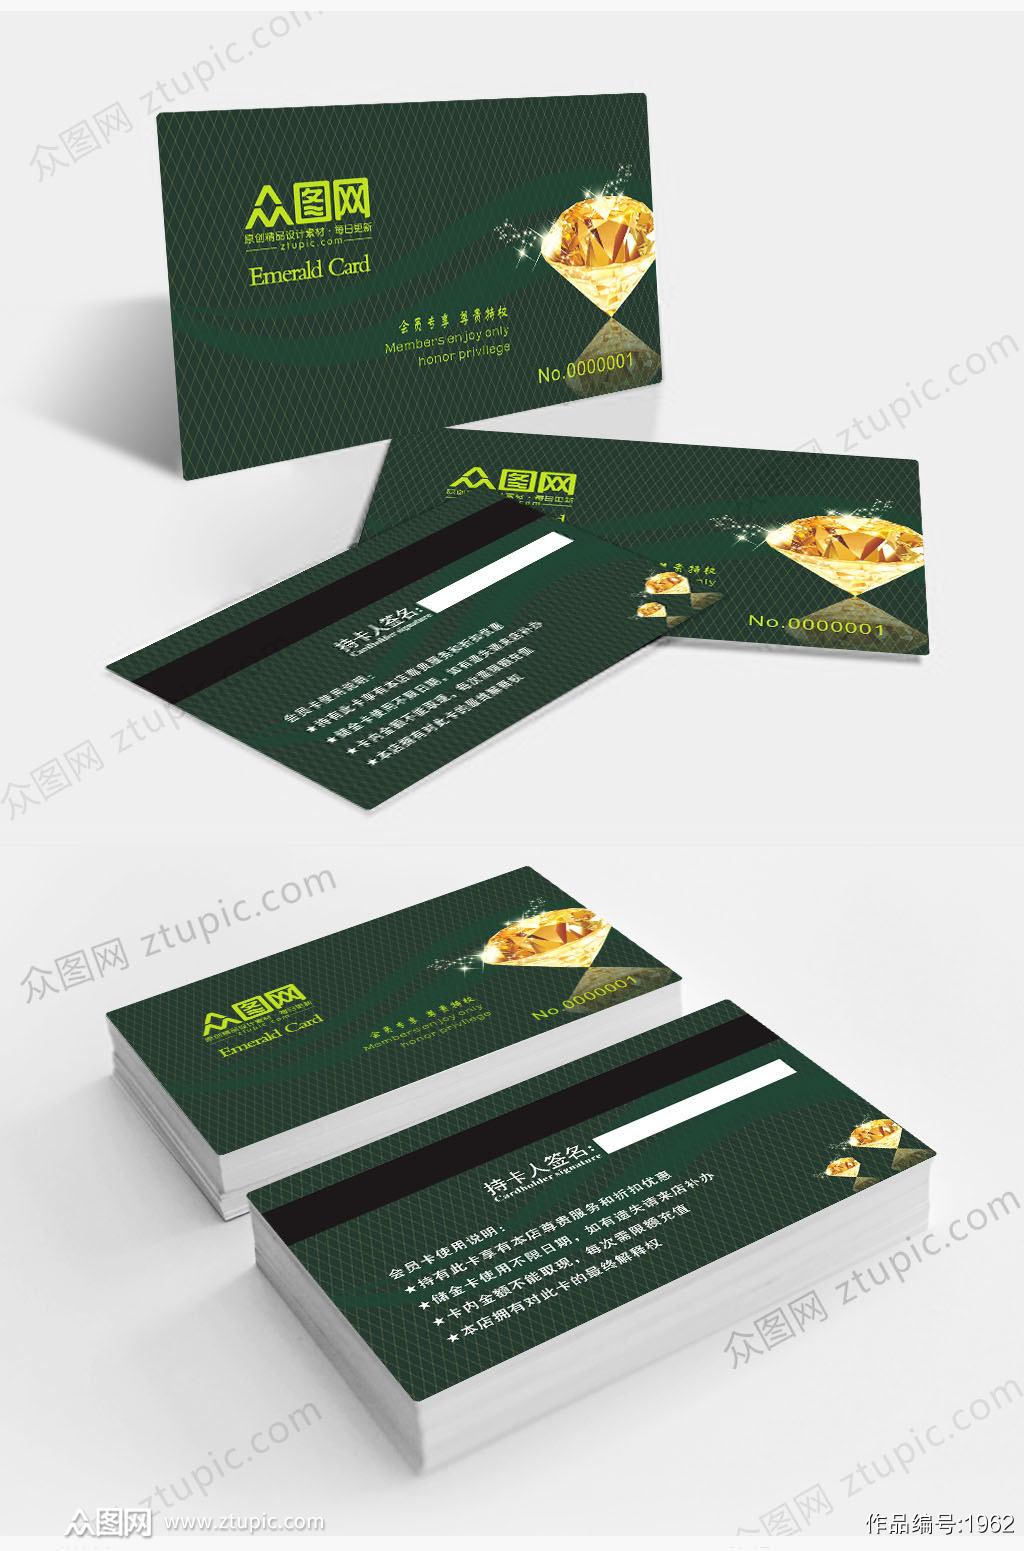 创意绿色白色VIP卡片会员卡贵宾卡素材